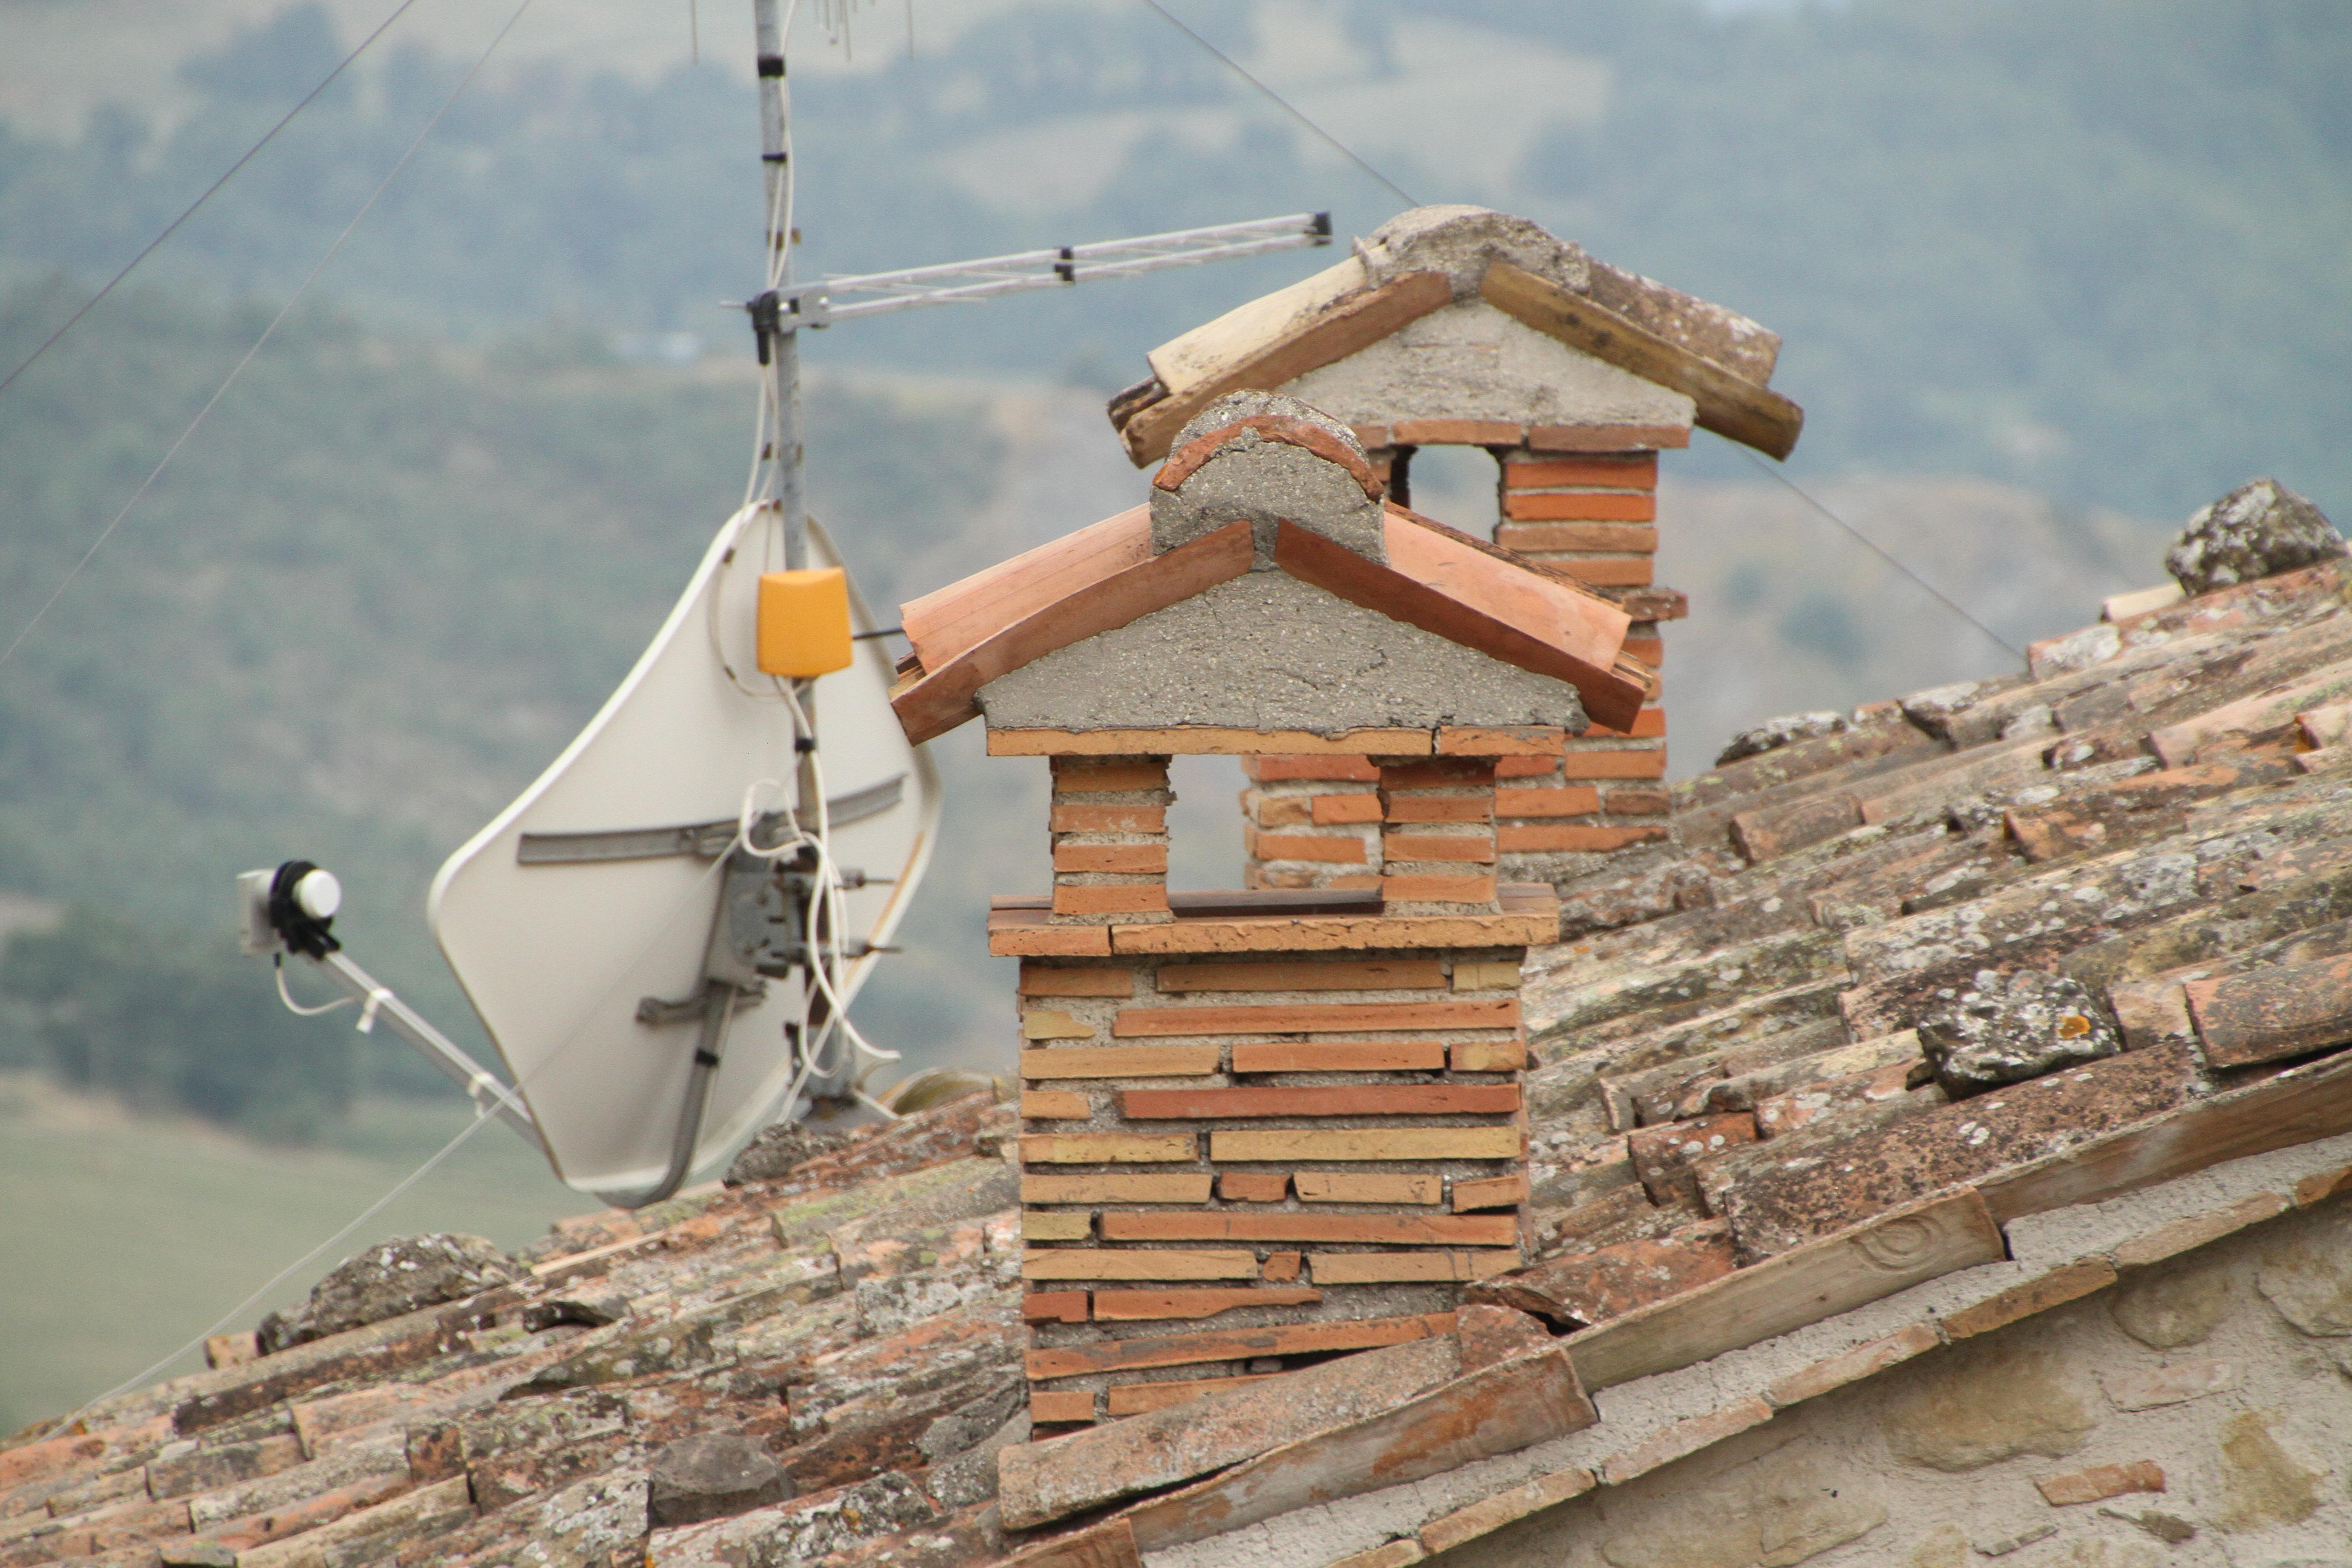 Fotoğraf : mimari, ahşap, çatı, kule, Direk, kulübe, baca ...